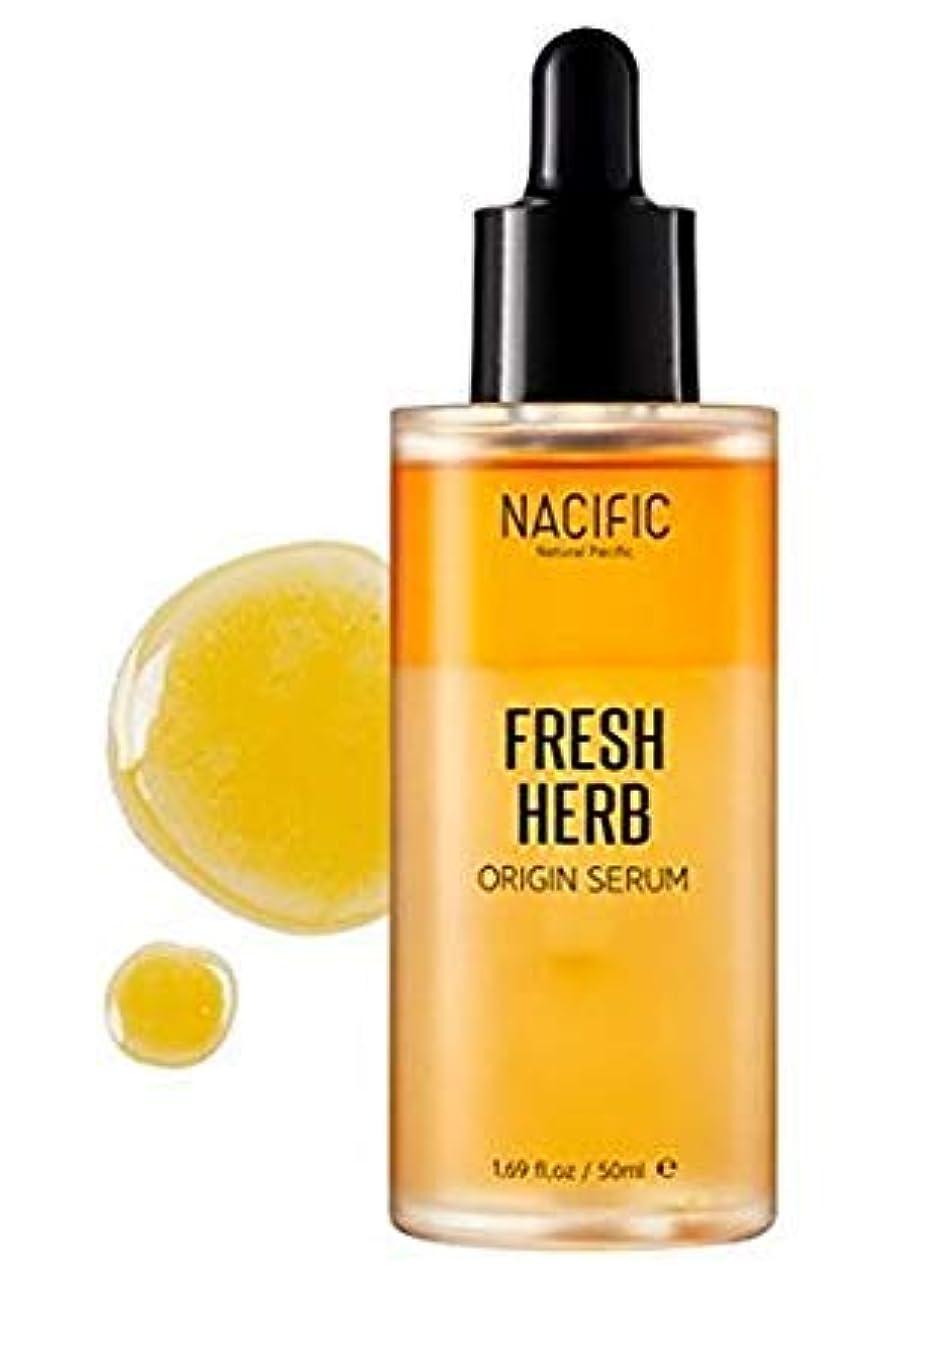 引退する苦痛研究所[NACIFIC]Fresh Herb Origin Serum 50ml/ナチュラルパシフィック フレッシュ ハーブ オリジン セラム 50ml [並行輸入品]